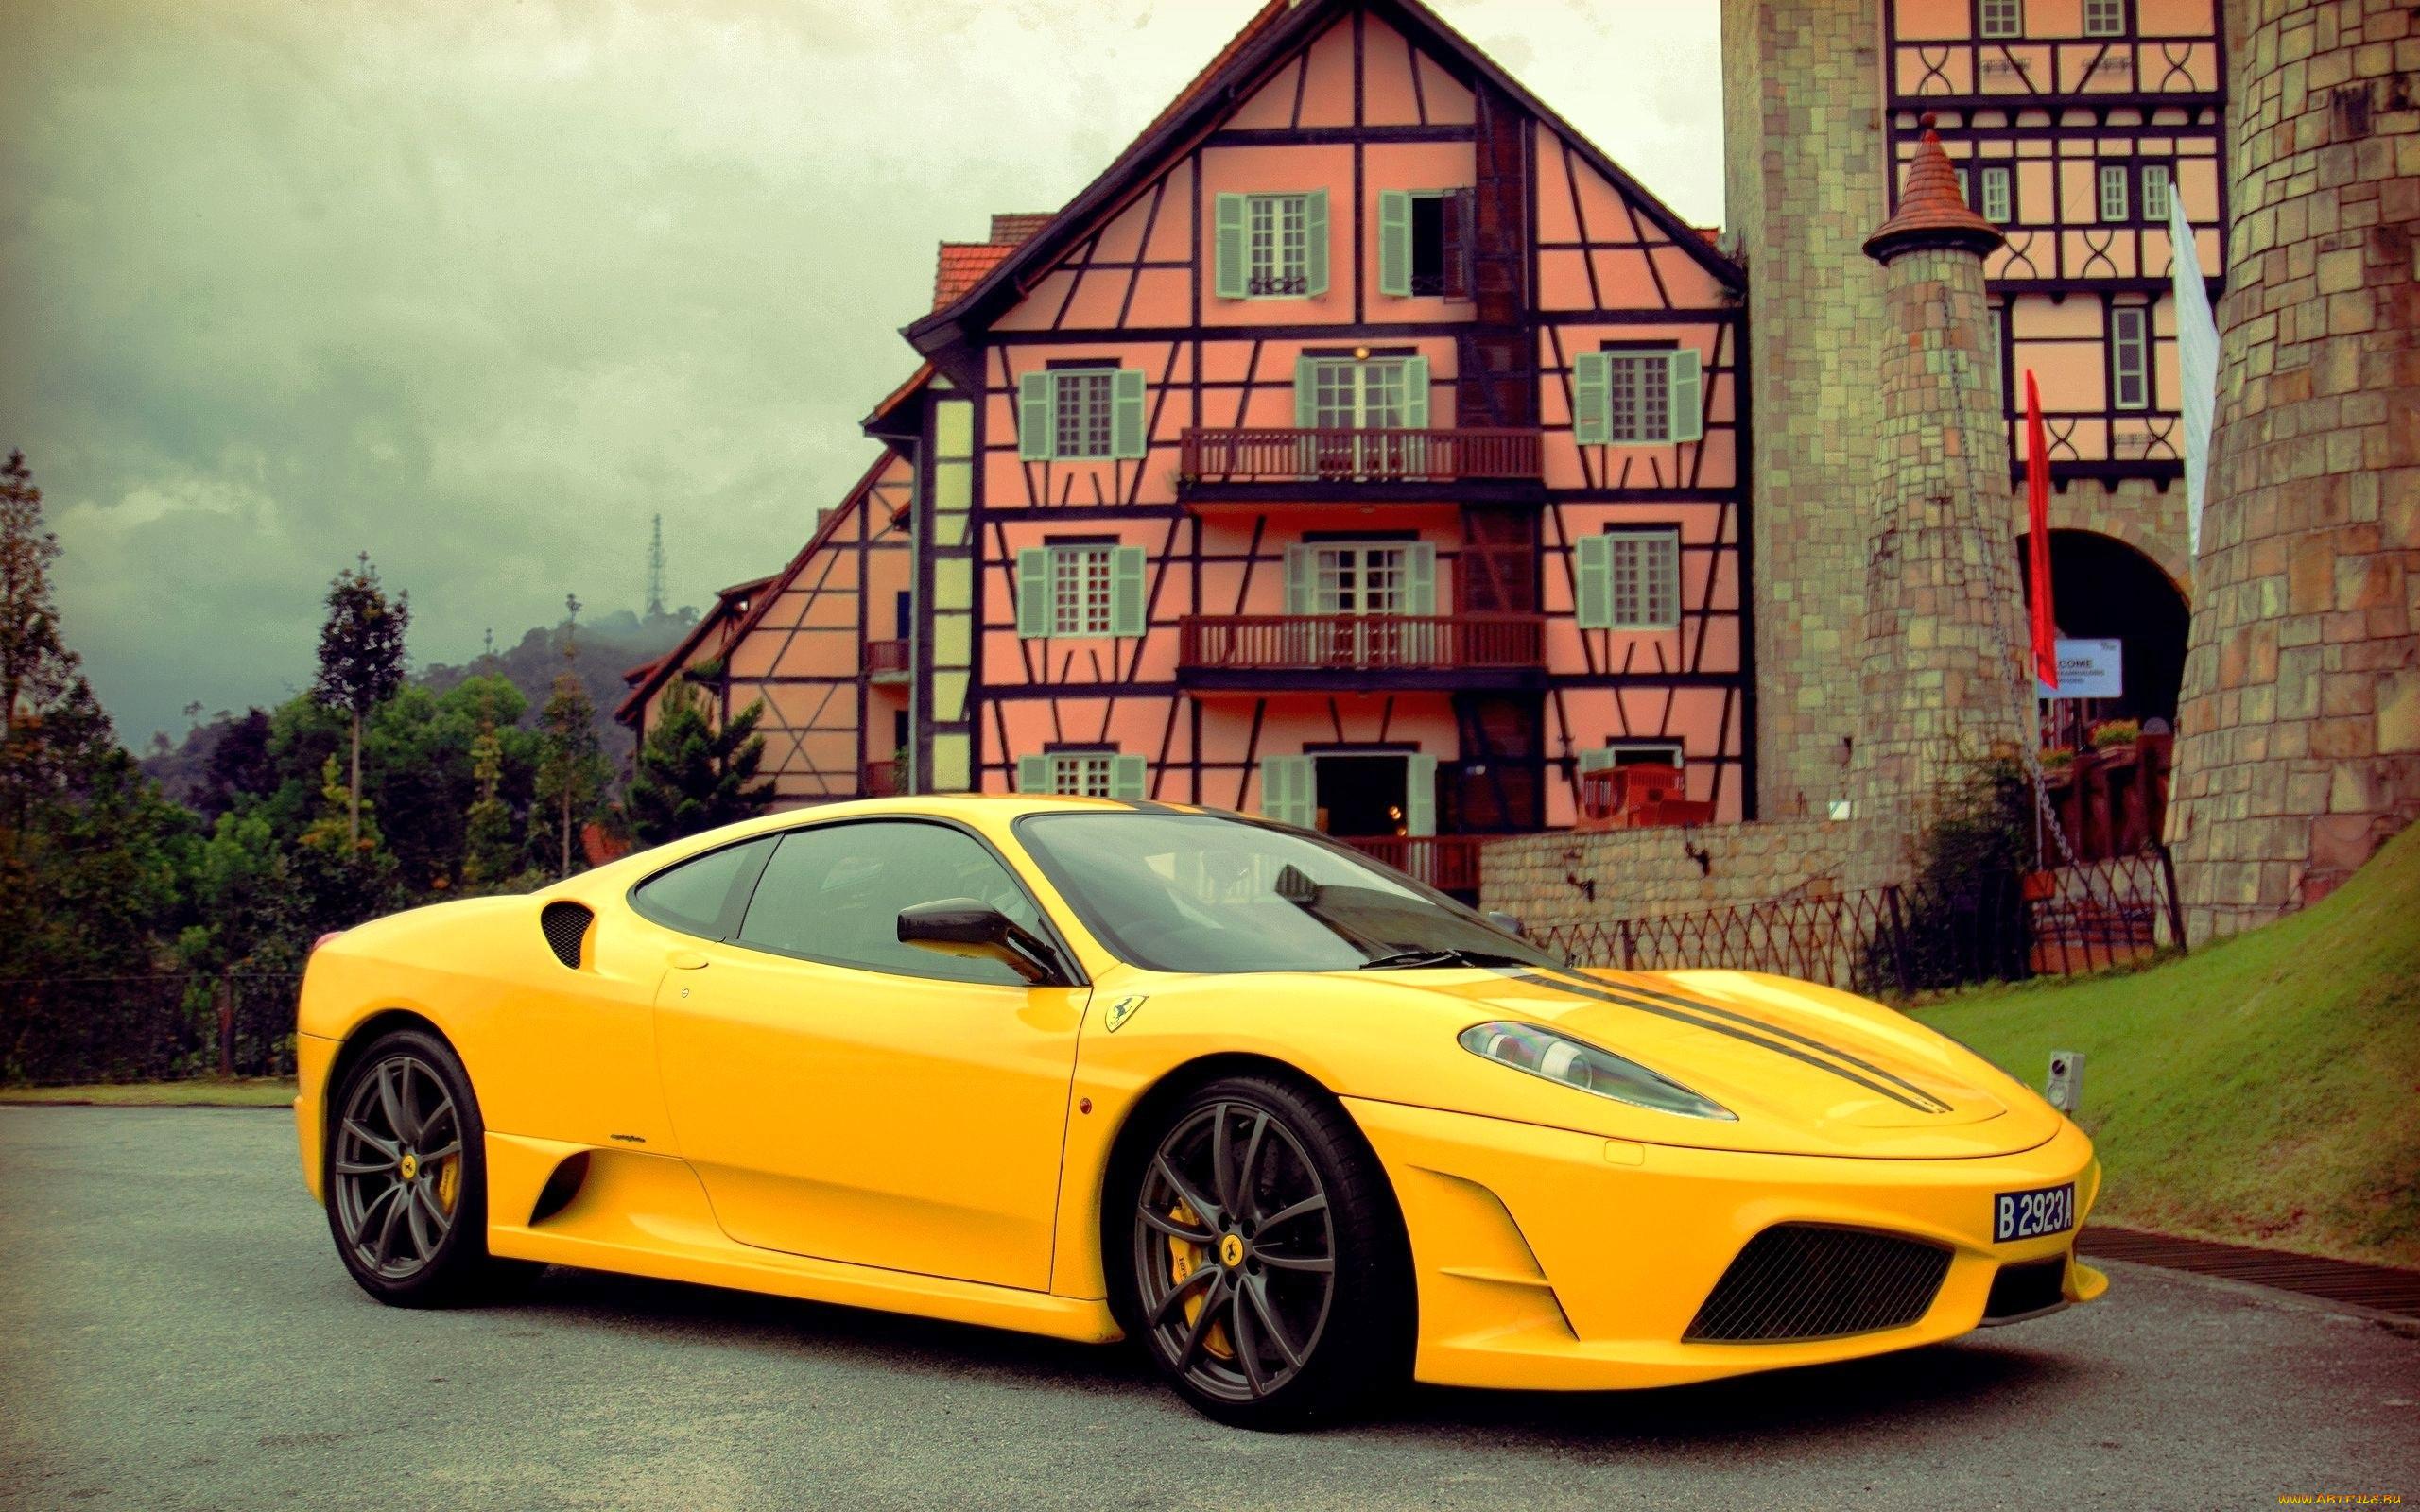 красивые картинки с автомобилями спортивными редкость сейчас, обожают